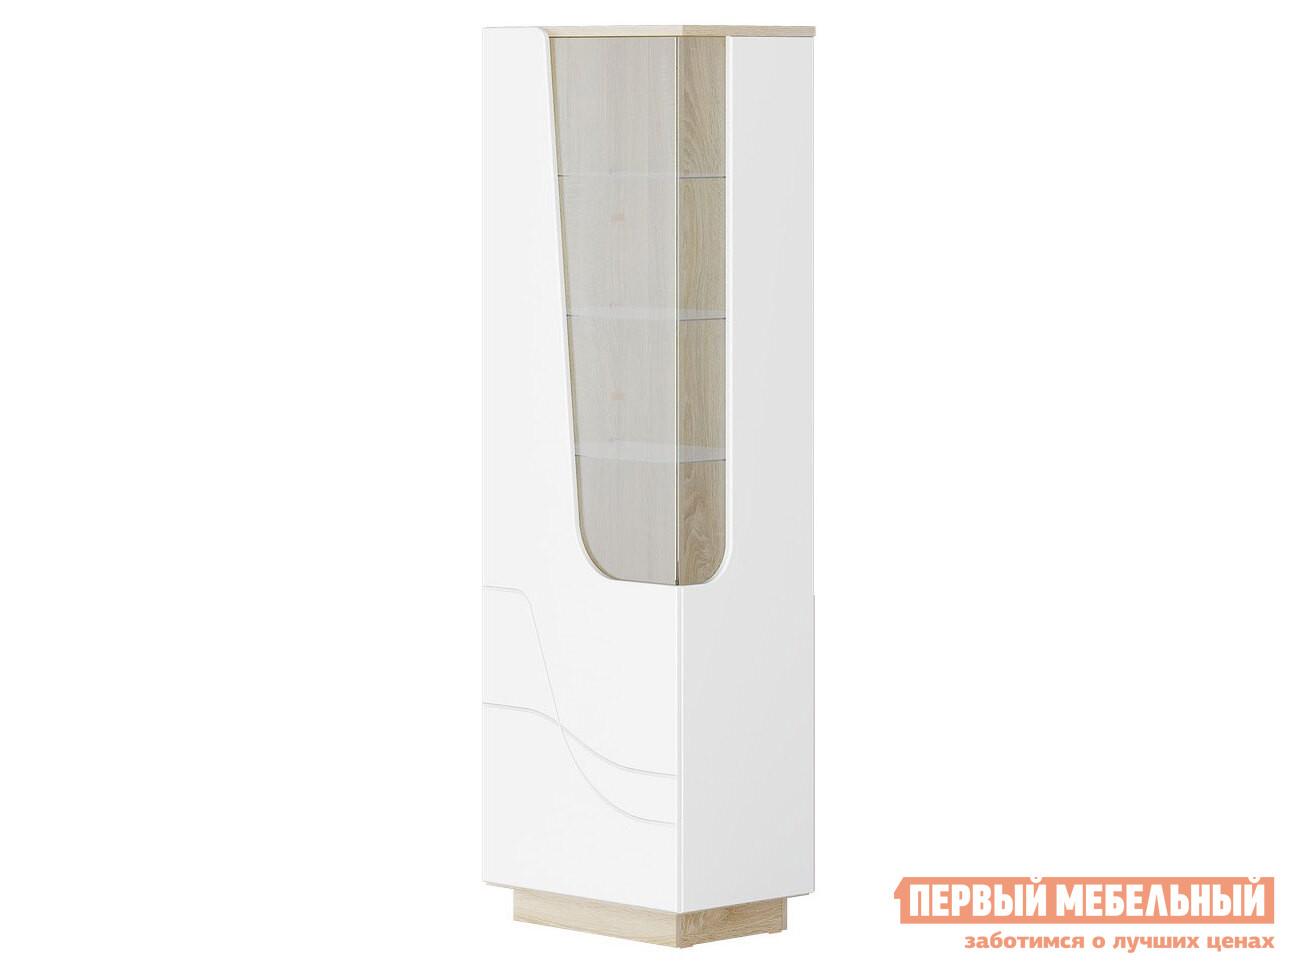 Шкаф-витрина  Гостиная  АУРА Пенал Д.600 Дуб сонома светлый / Белый глянец, Левый